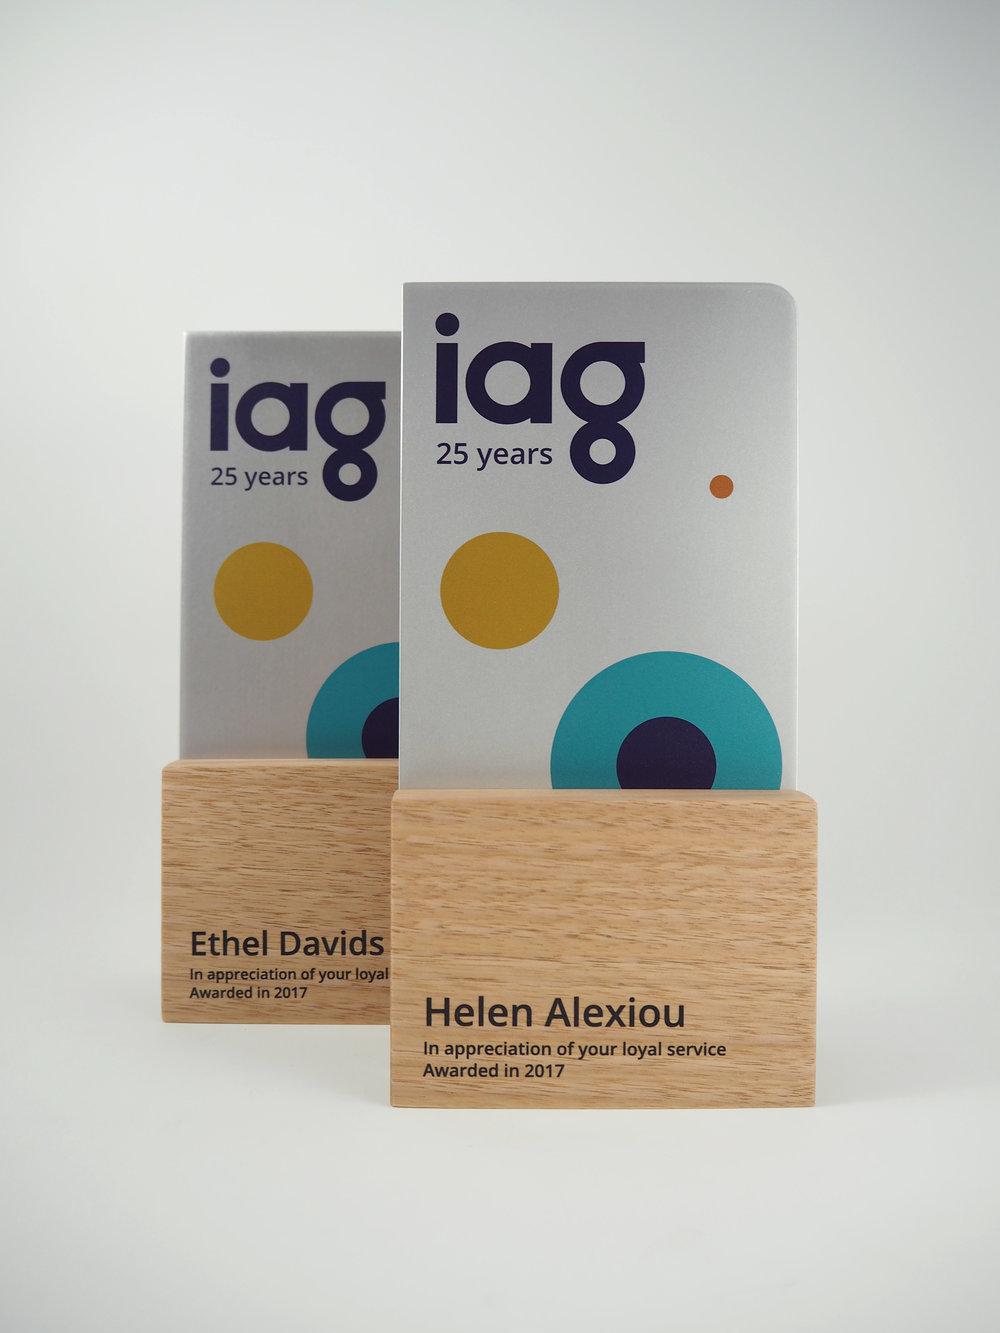 iag-awards-timber-eco-metal-trophy-01.jpg